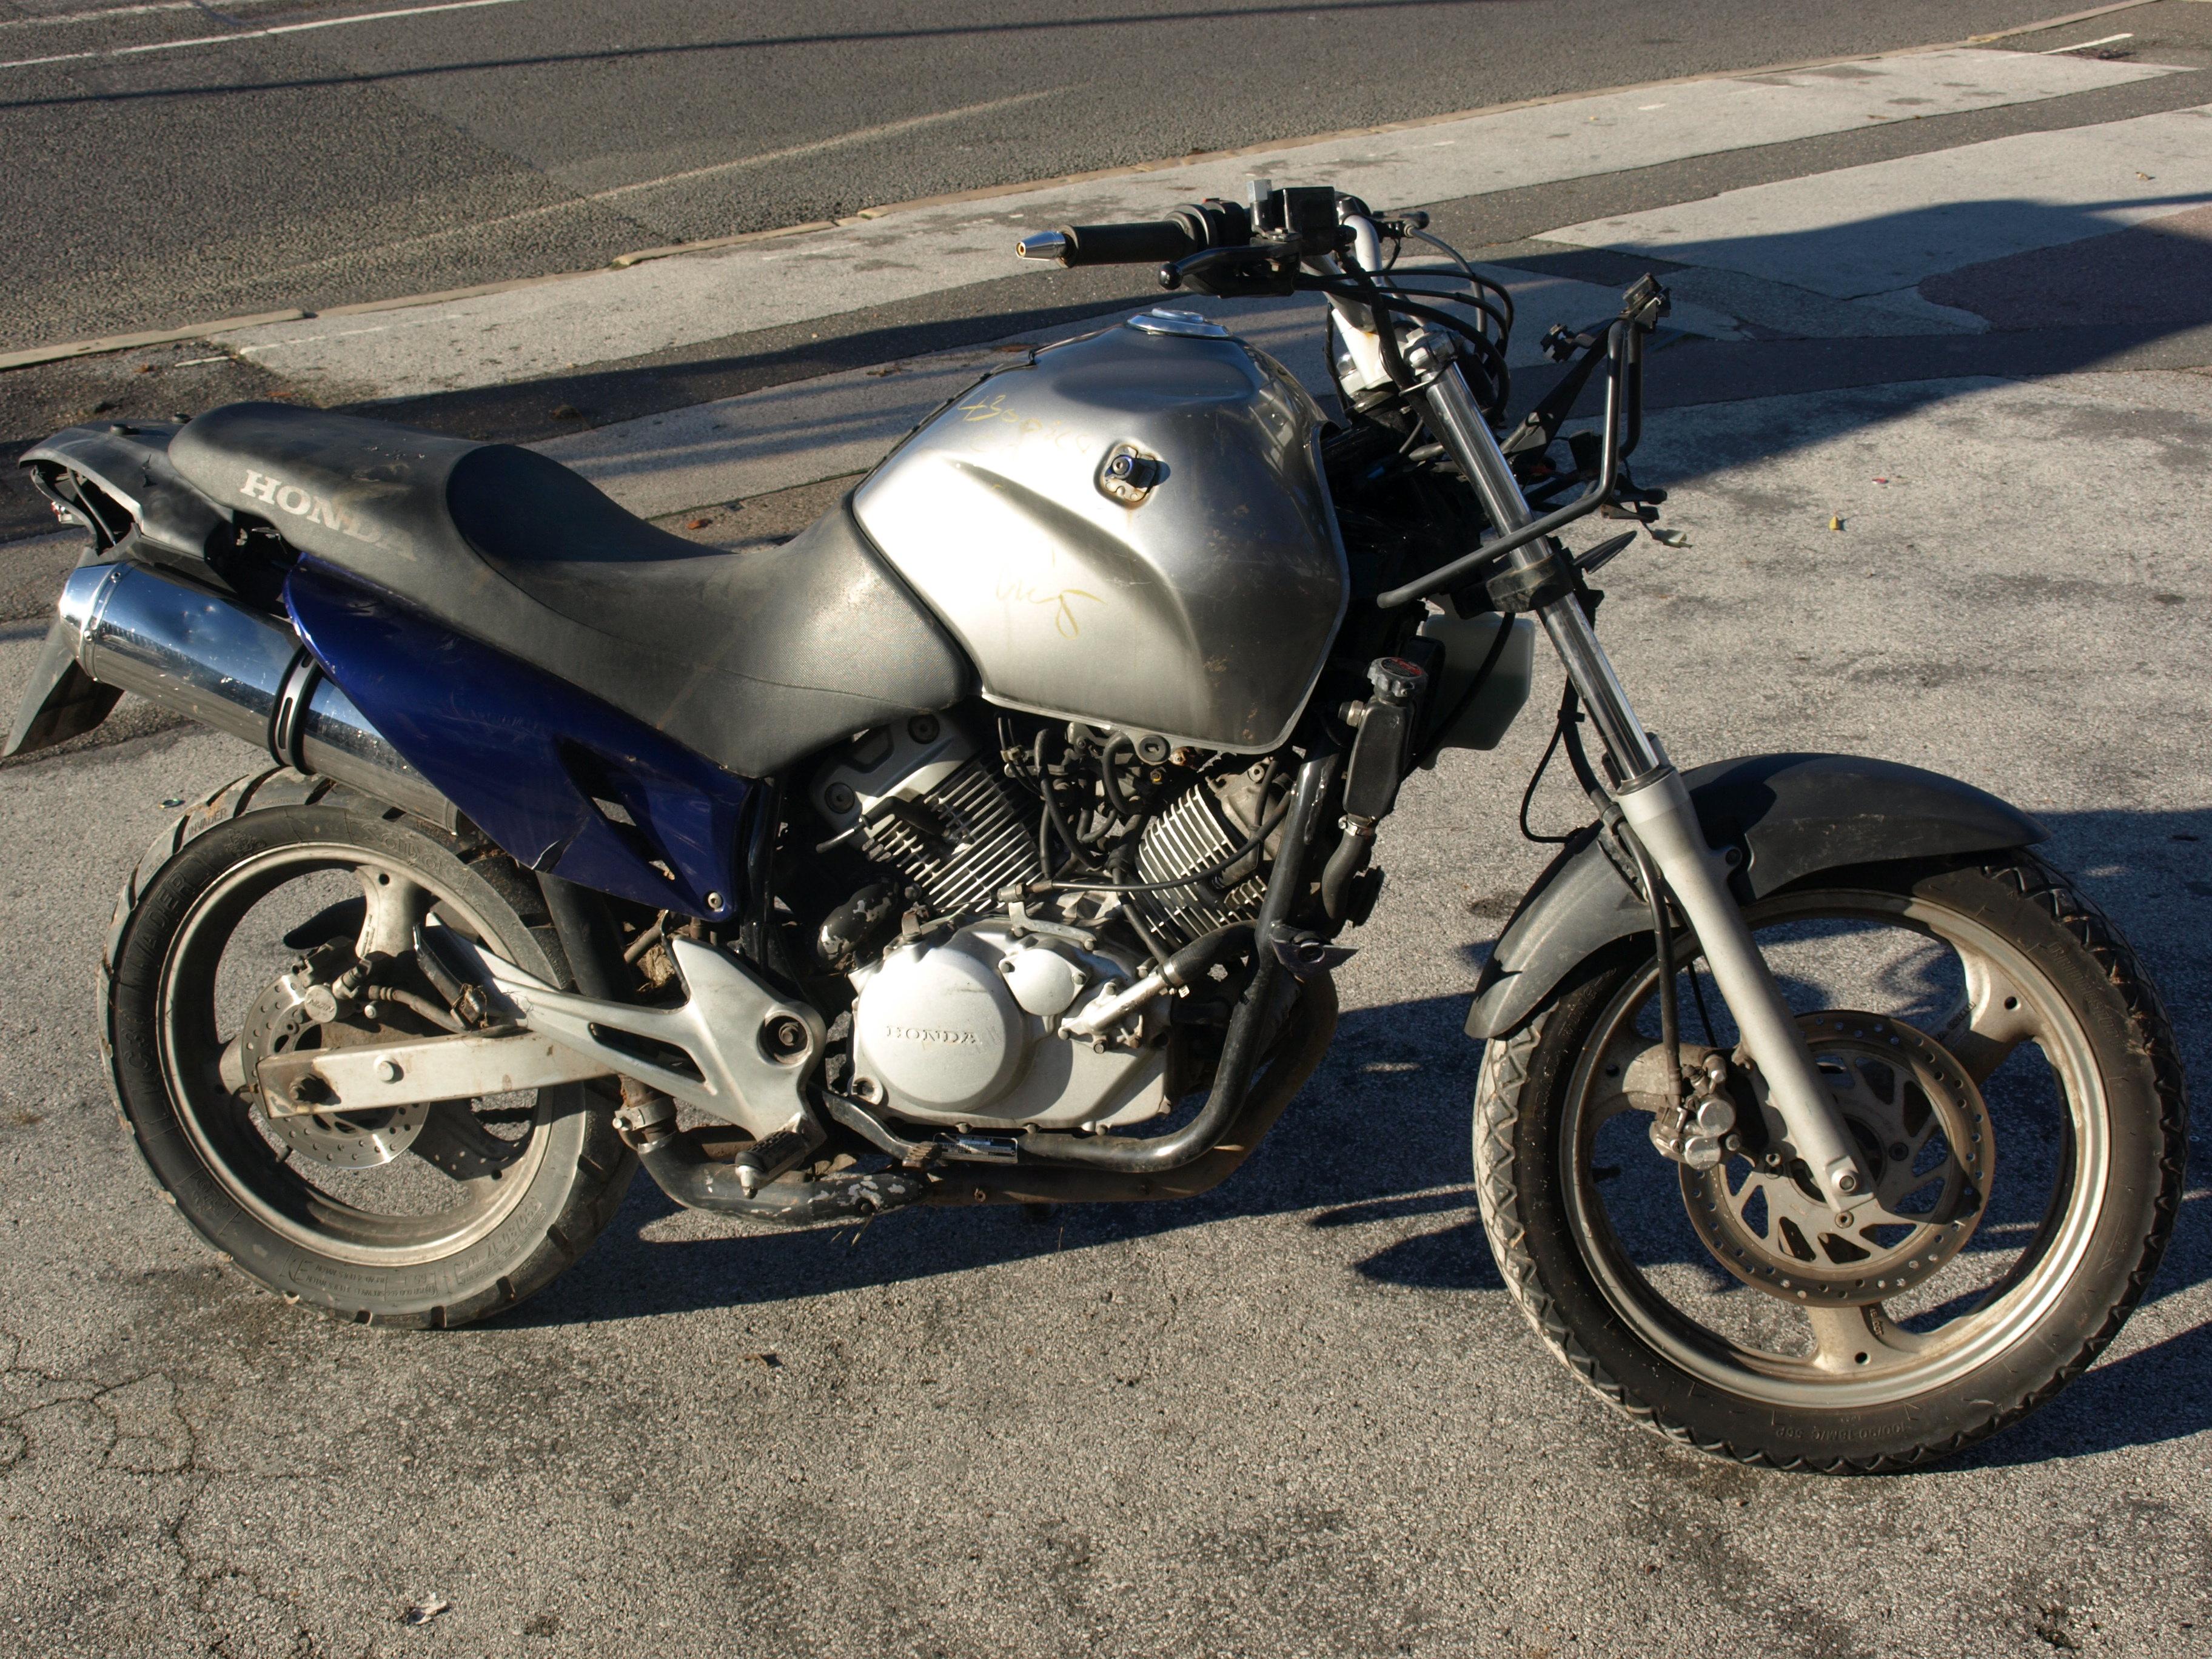 HONDA 125 VARADERO